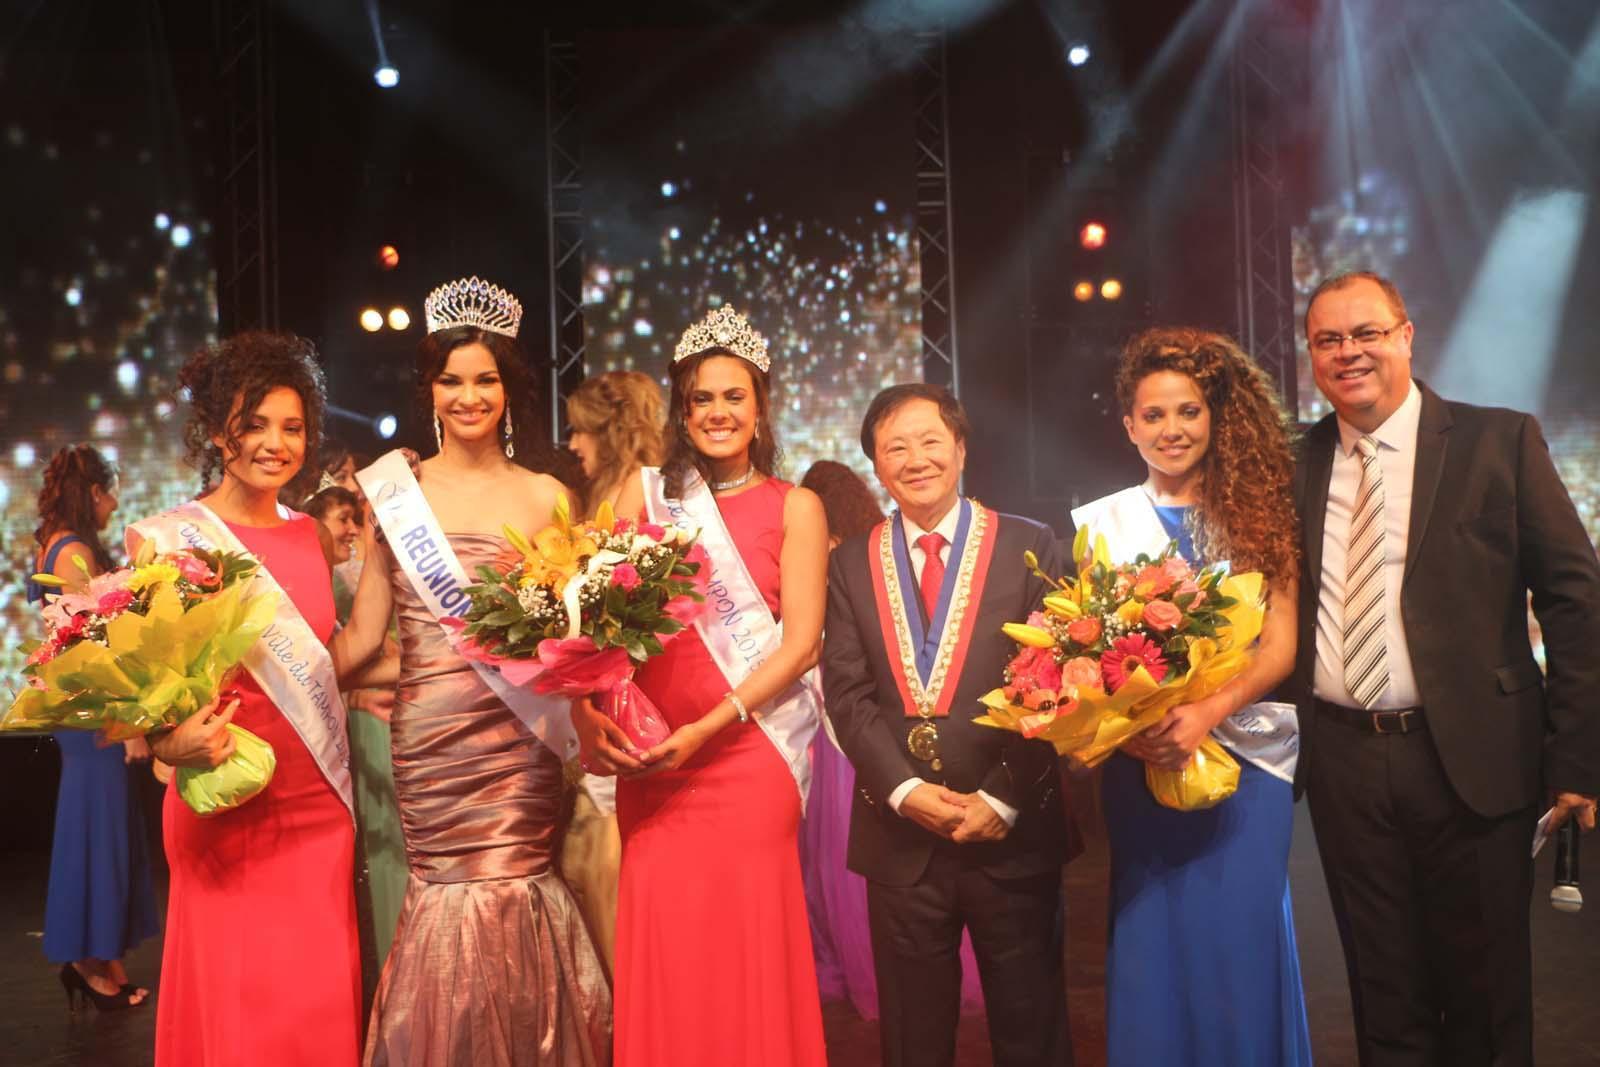 Les lauréates avec Azuima Issa, André Thien Ah Koon et Jacky Calpétard, le présentateur de la soirée